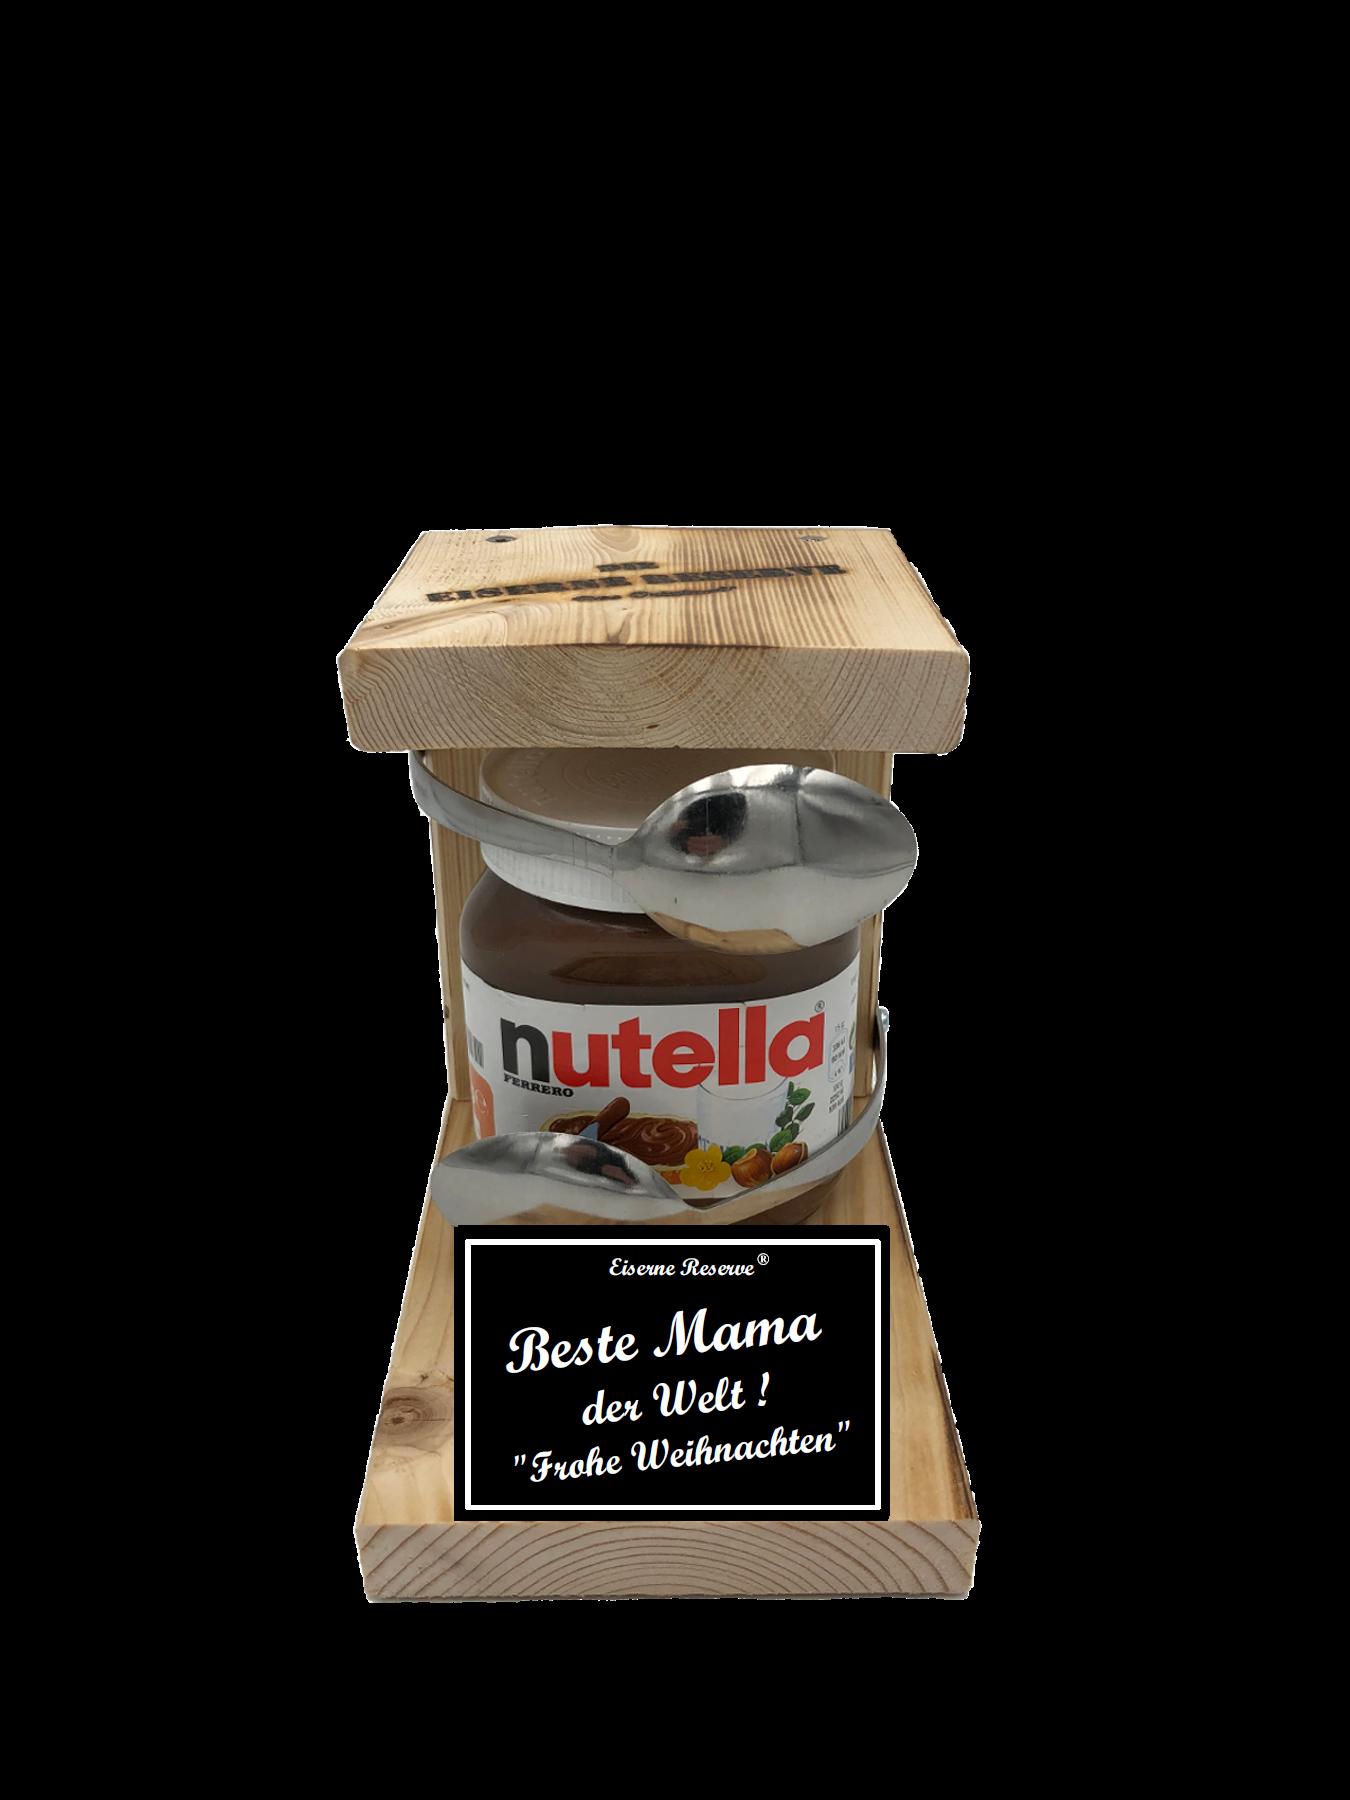 Beste Mama der Welt Frohe Weihnachten Löffel Nutella Geschenk - Die Nutella Geschenkidee